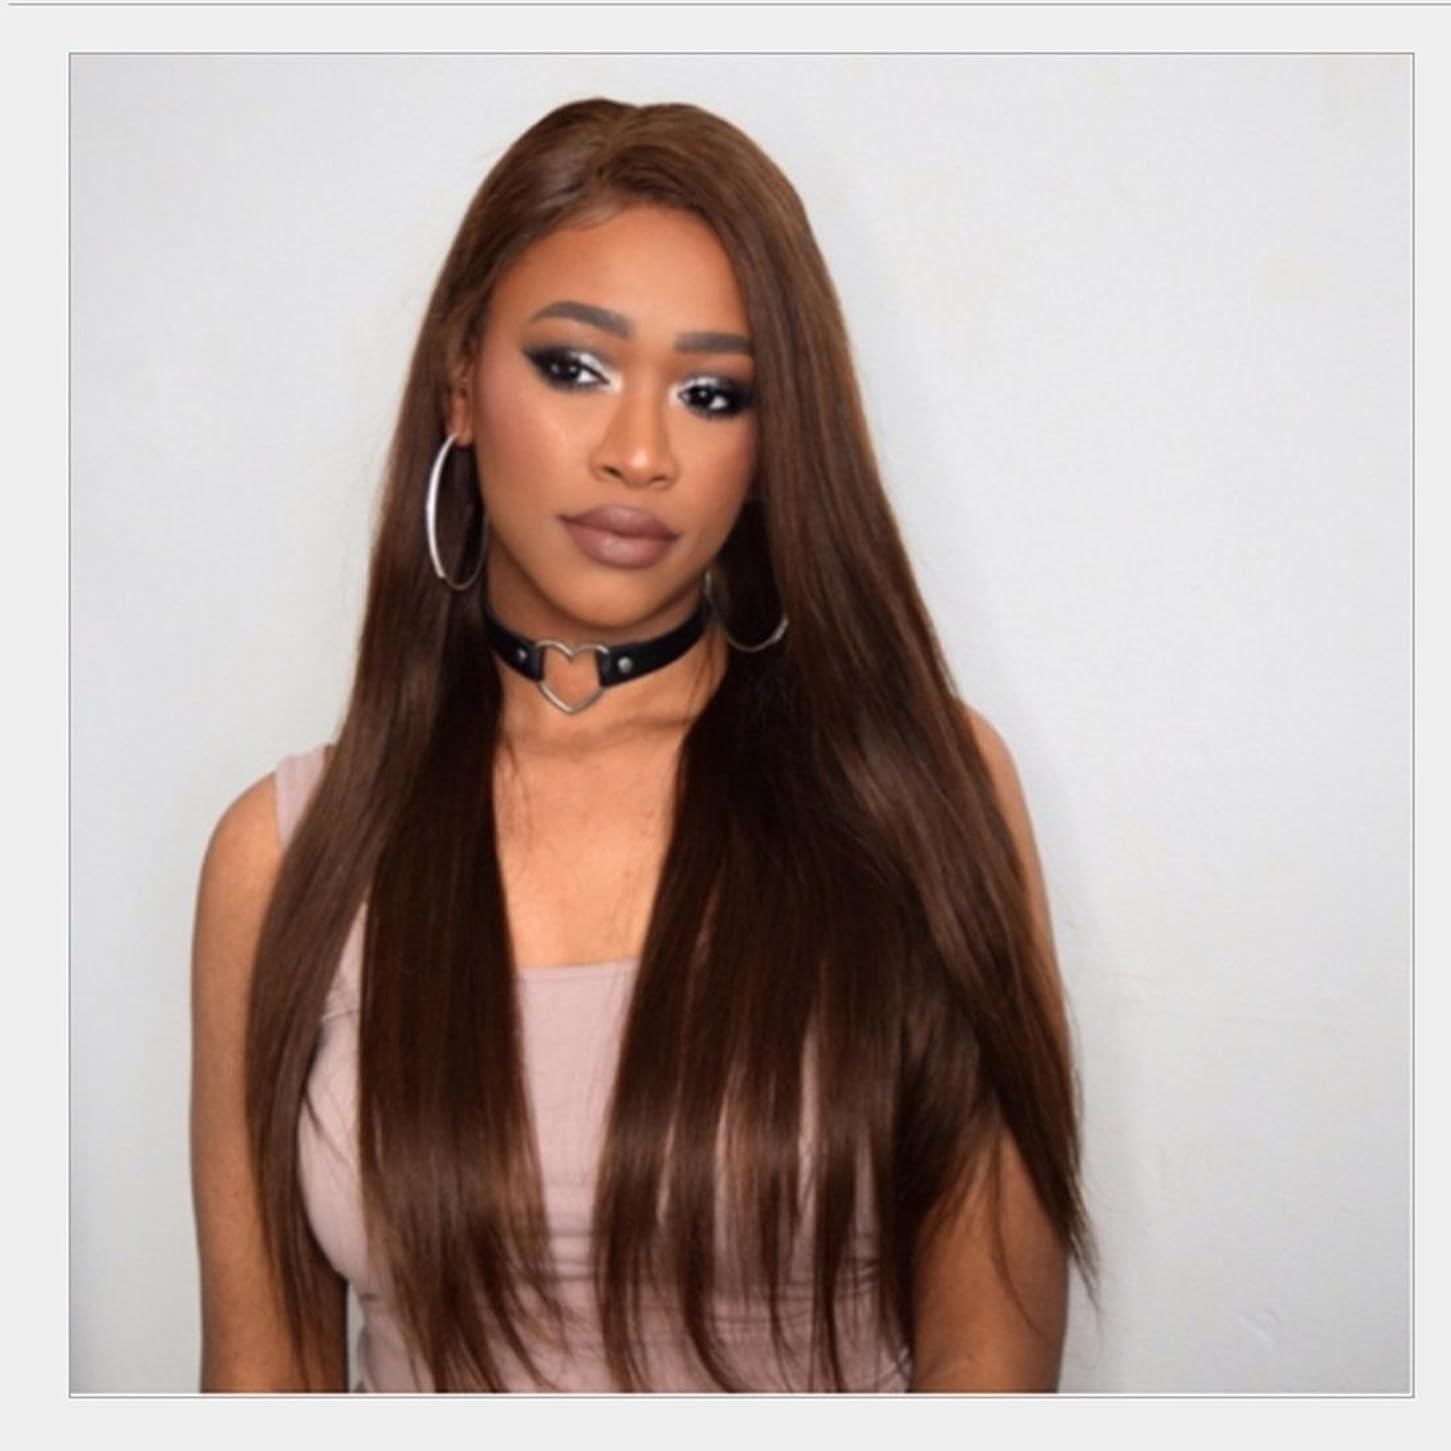 BOBIDYEE 女性のためのナチュラルチャーミングな女性のかつらロングストレートかつら中間点前髪付き人間のかつら、パーティーのためのナチュラルルッキングロングストレートウィッグ、コスプレ複合レースかつらロールプレイングかつら (色 : Brownish black)